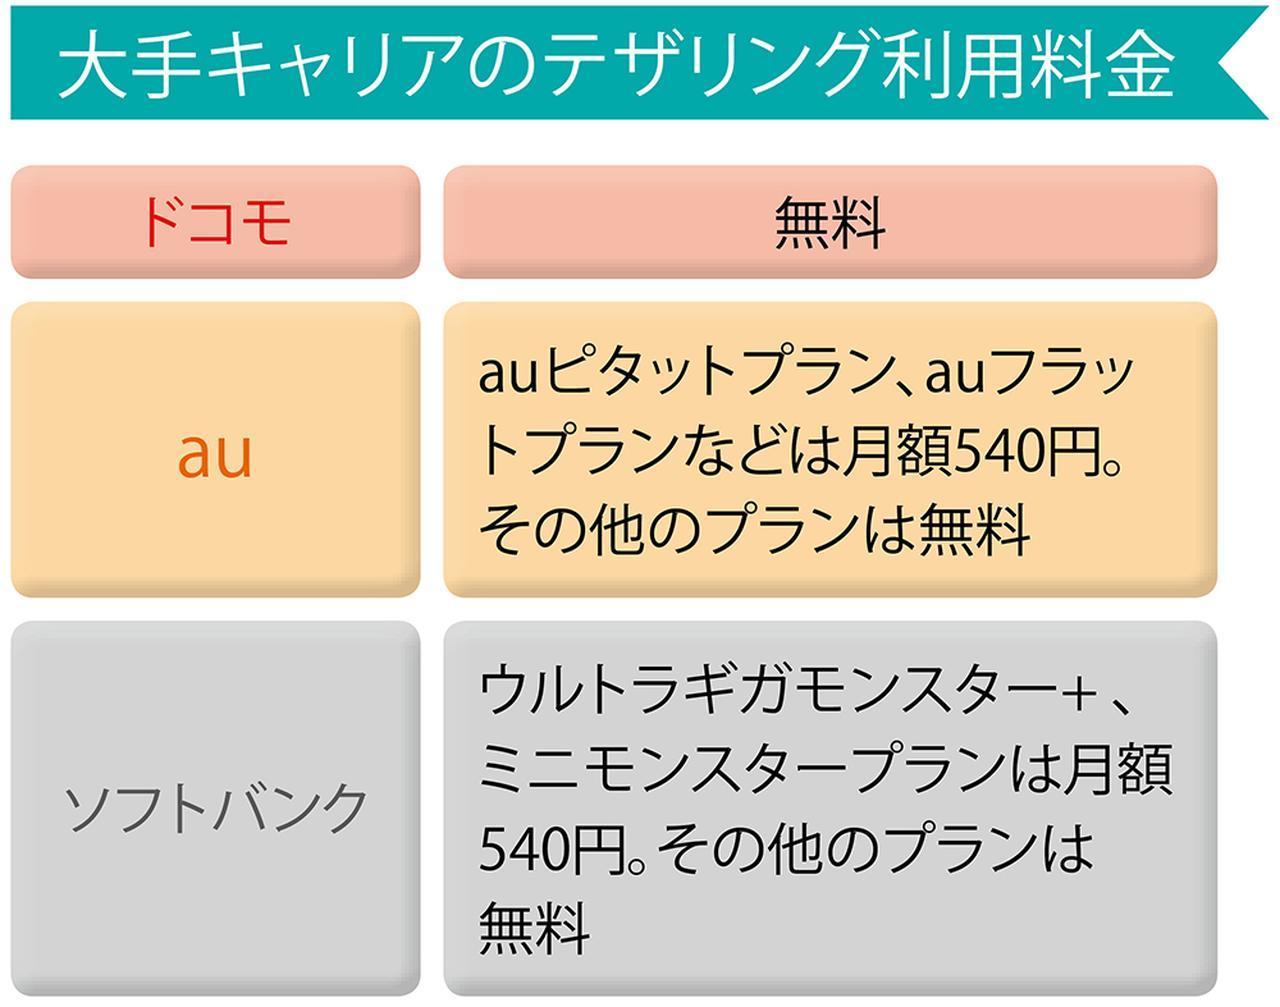 画像: ドコモは無料だが、auとソフトバンクは主力料金プランで月540円に設定されている。ただし、2社でも一部旧料金プランでは無料になることもある。